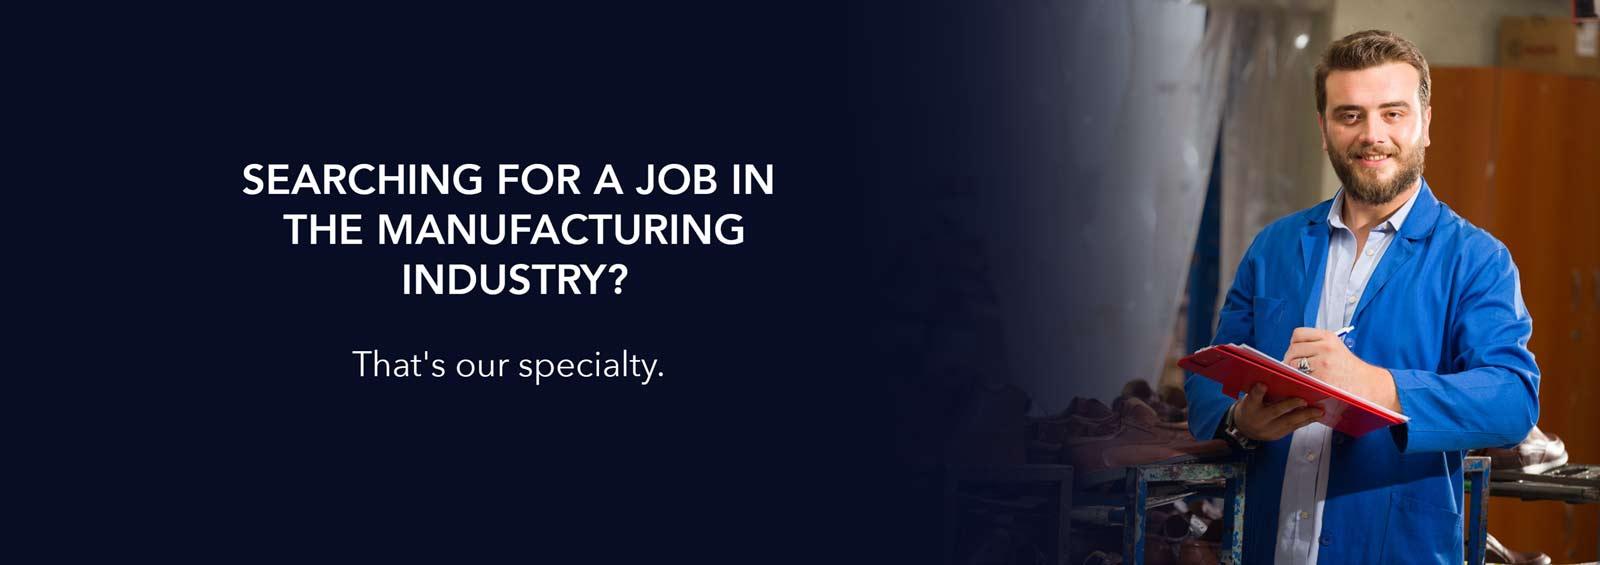 Resume-Pundits-Manufacturing